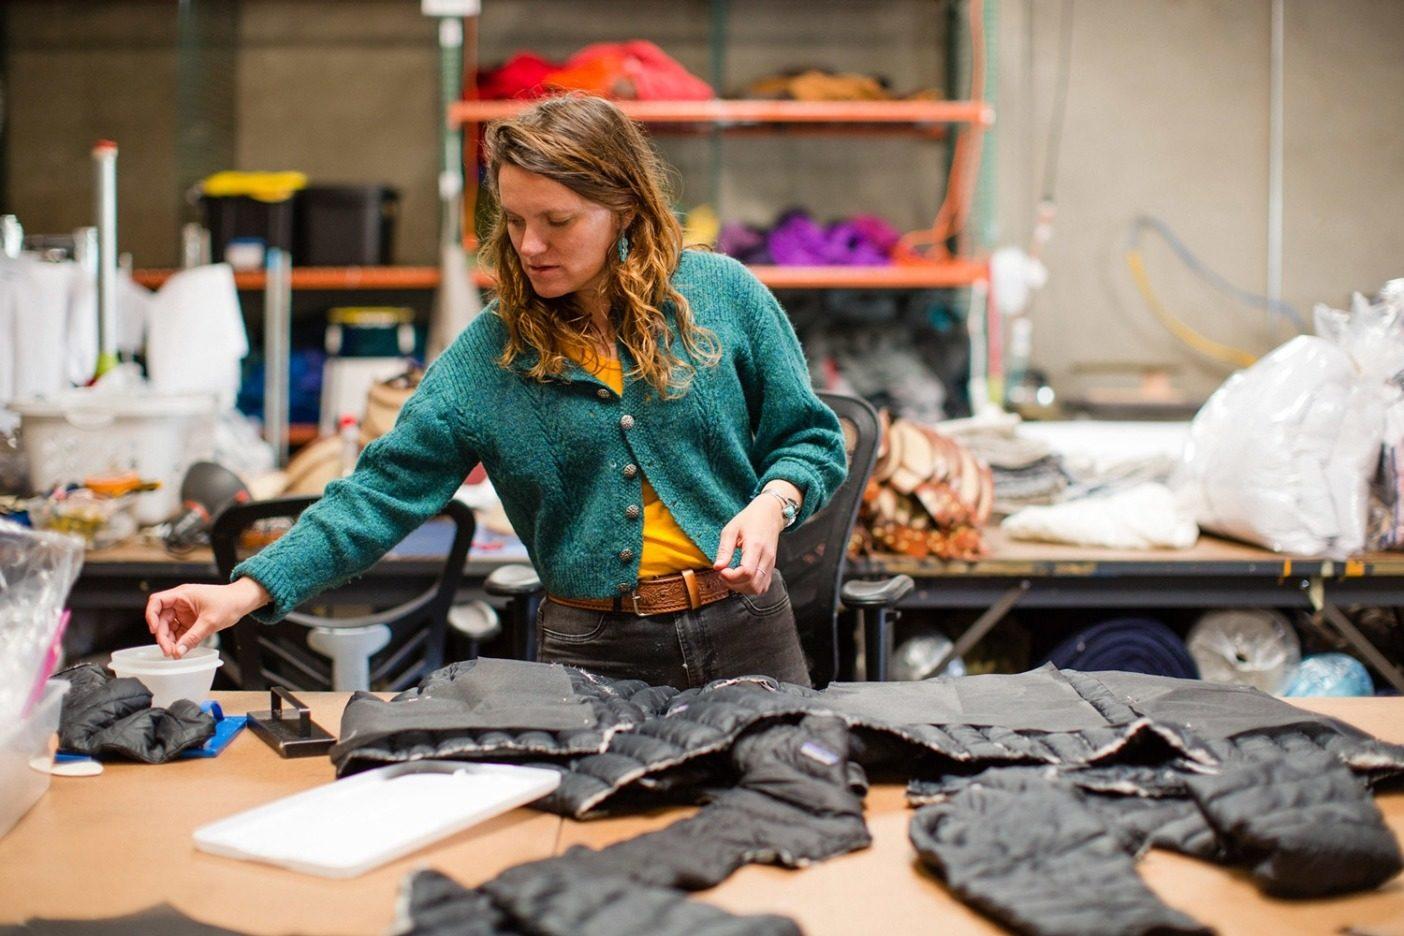 ネバダ州リノにあるパタゴニアのWorn Wear施設で収集した古着の端切れをReCrafted(リクラフテッド)の製品ラインに利用するロサンゼルスの縫製工場スアイのオーナー、リンジー・ローズ・メドフ。Photo:Kern Ducote